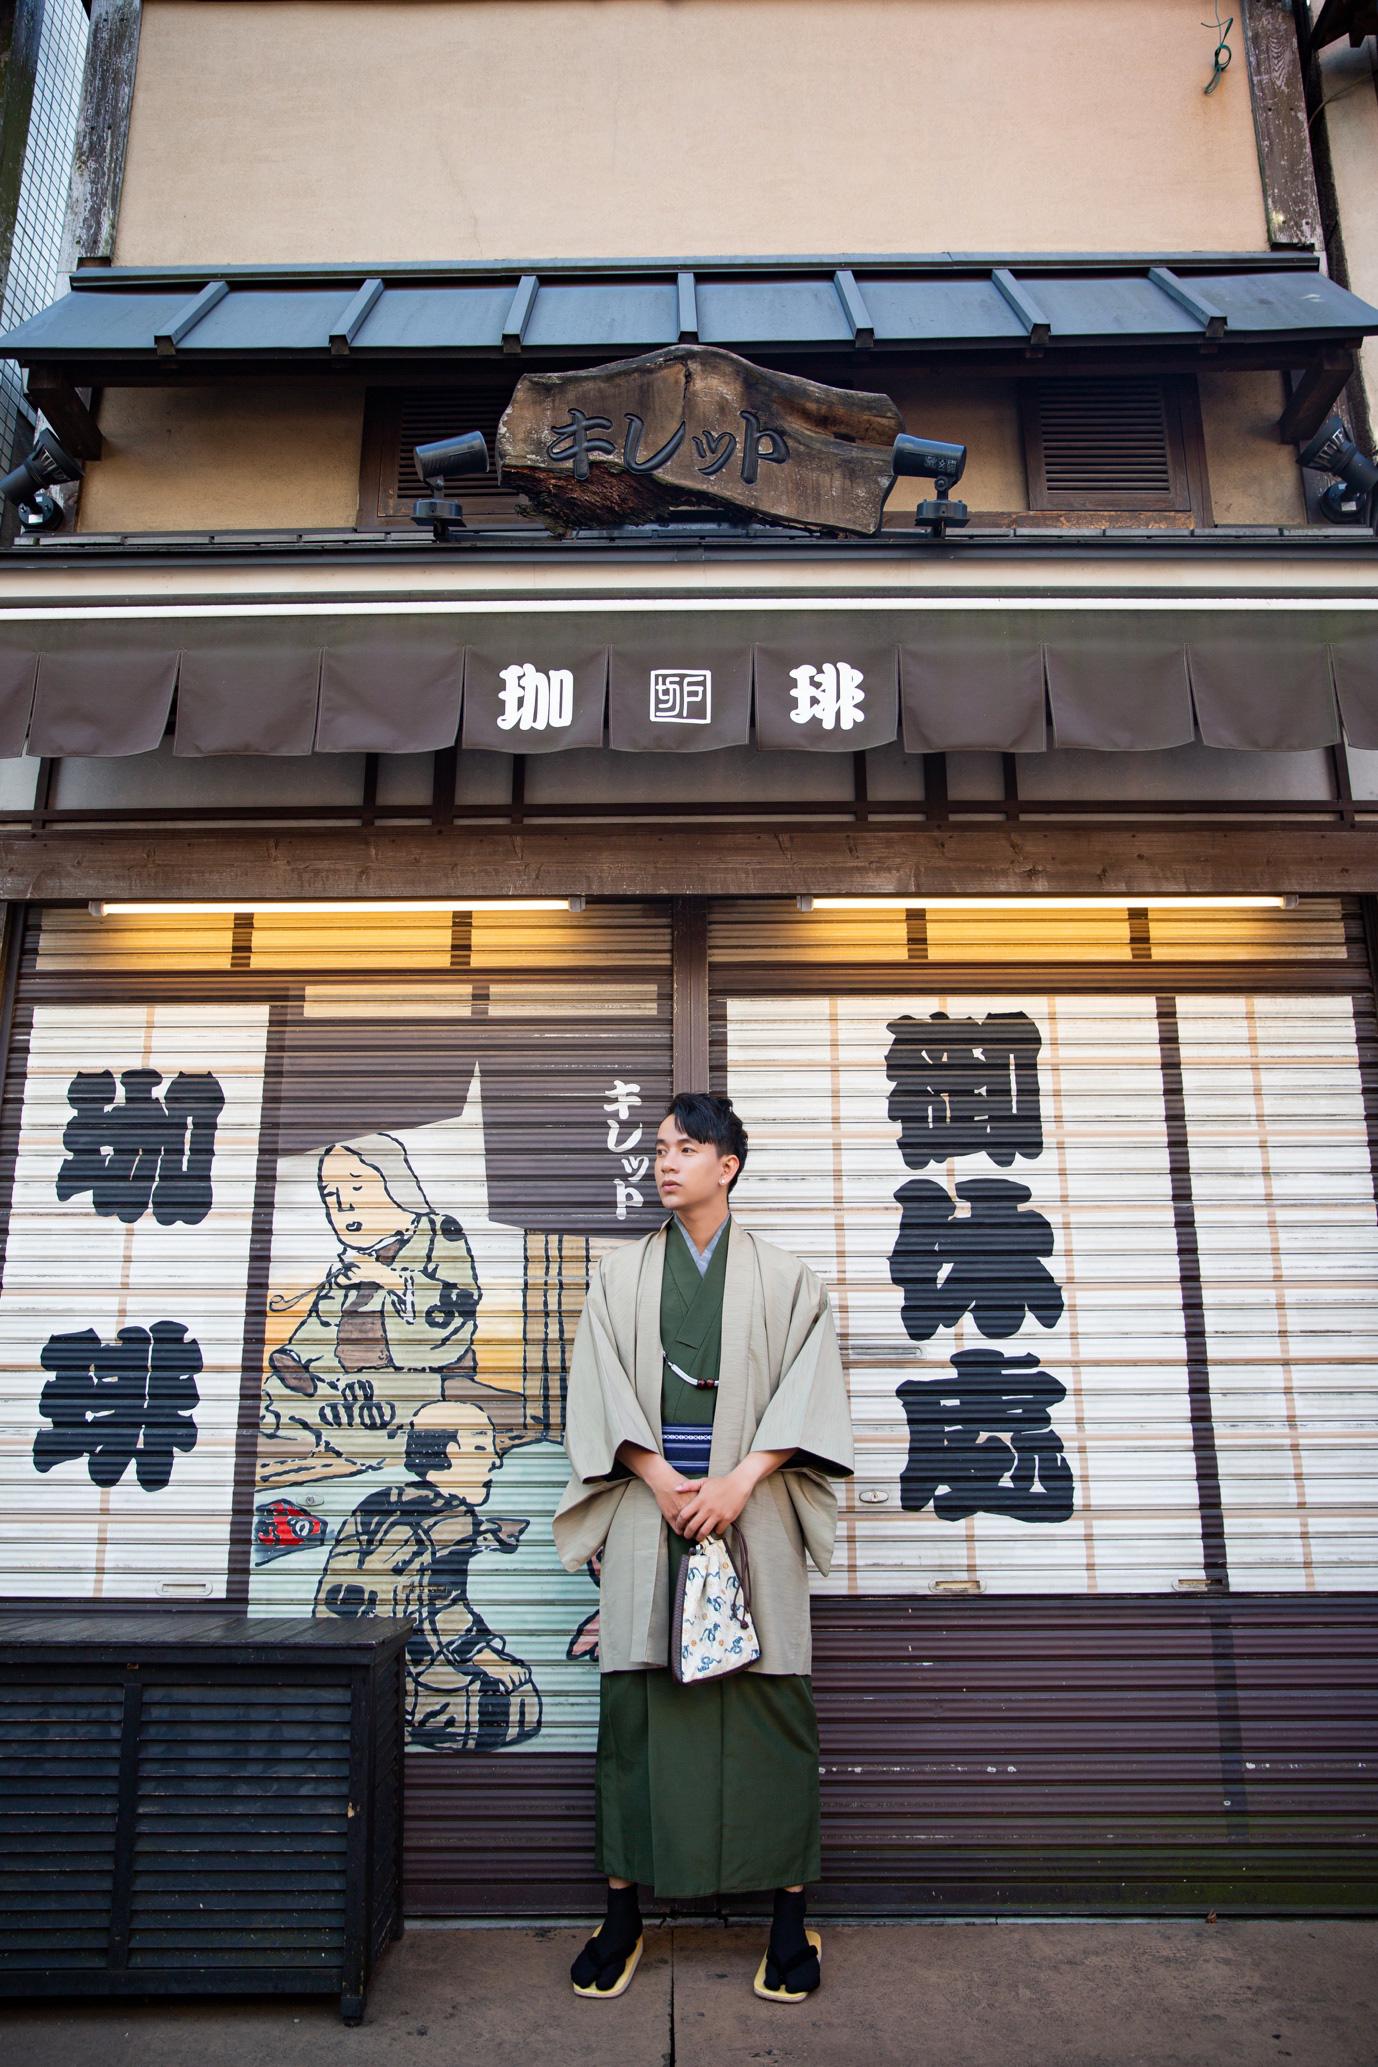 Khám phá những địa danh không thể bỏ qua trong chuyến đi Nhật Bản dành cho những tín đồ mê xê dịch - Ảnh 6.